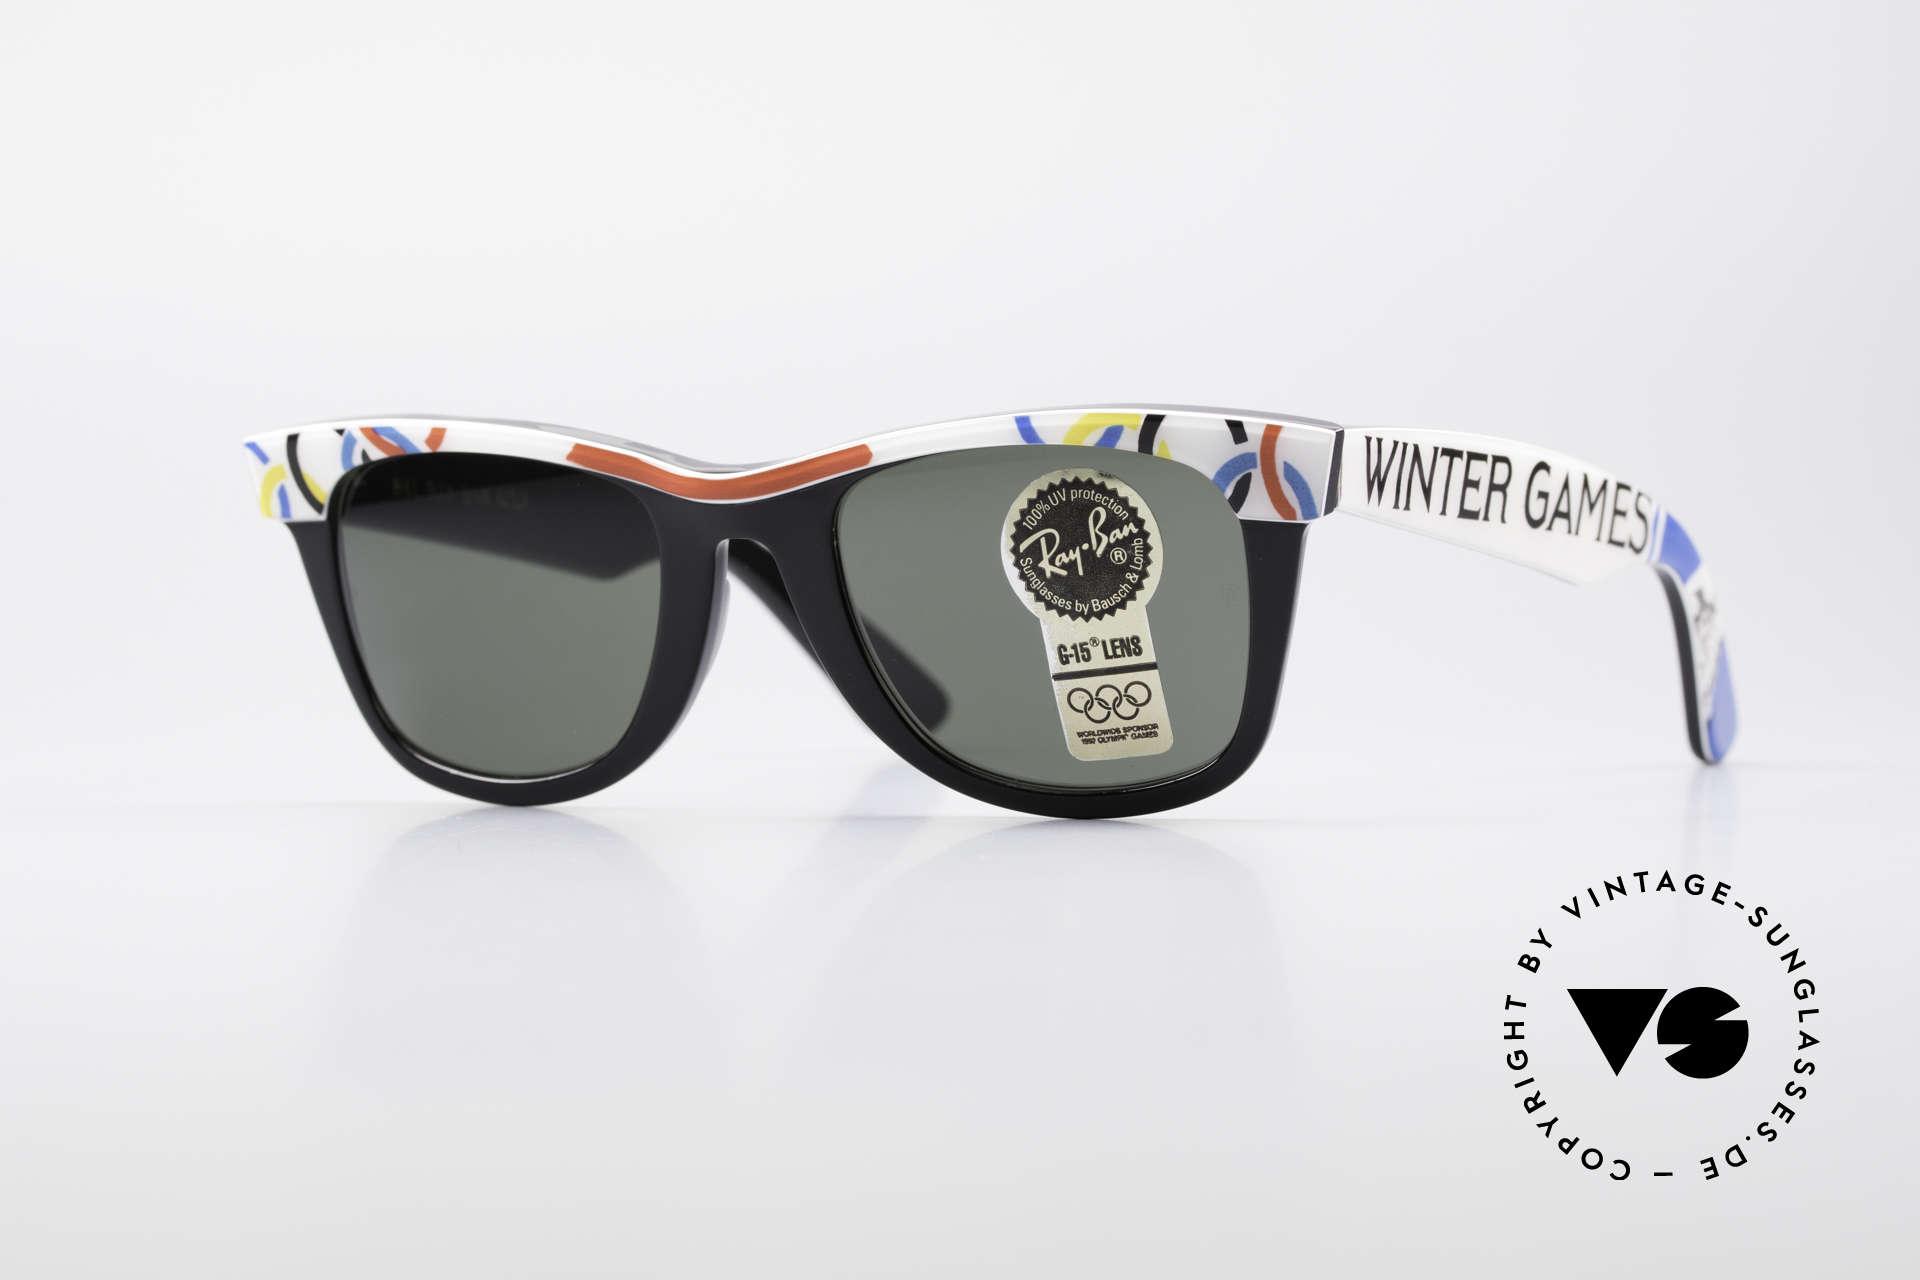 Ray Ban Wayfarer I Olympia 1928 St. Moritz, limitierte B&L USA vintage Wayfarer Sonnenbrille, Passend für Herren und Damen